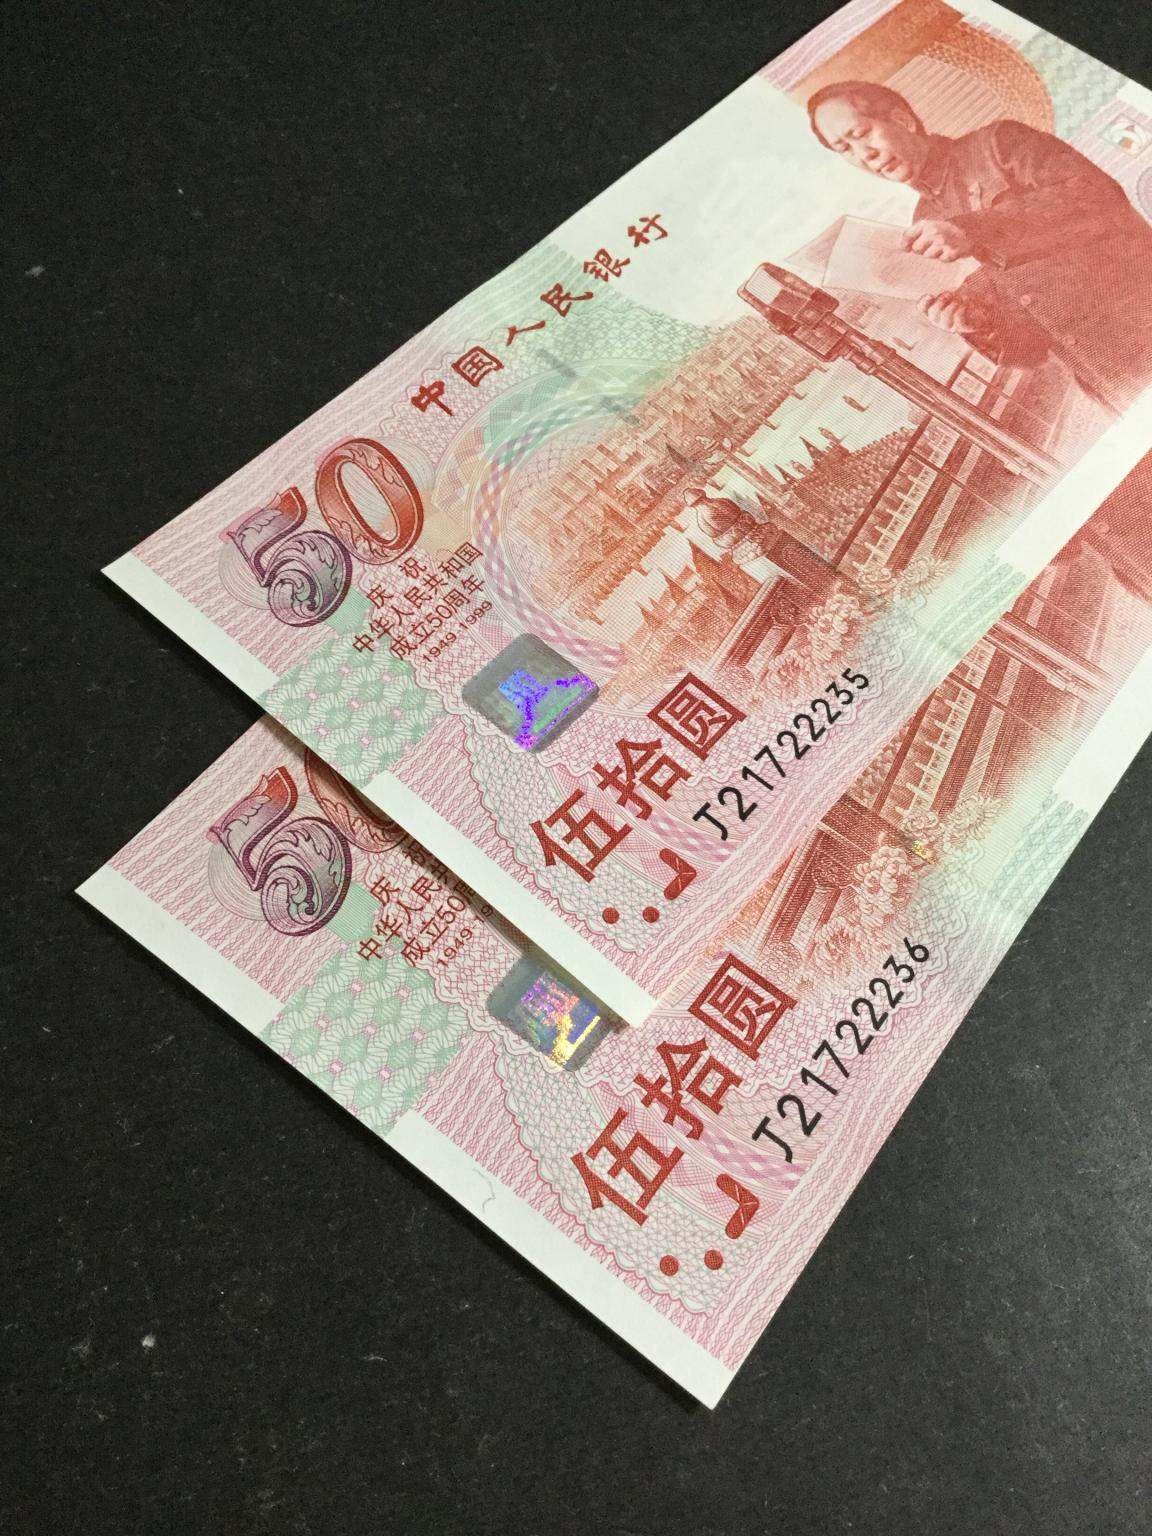 建国纪念钞最新价格 建国纪念钞值多少钱?